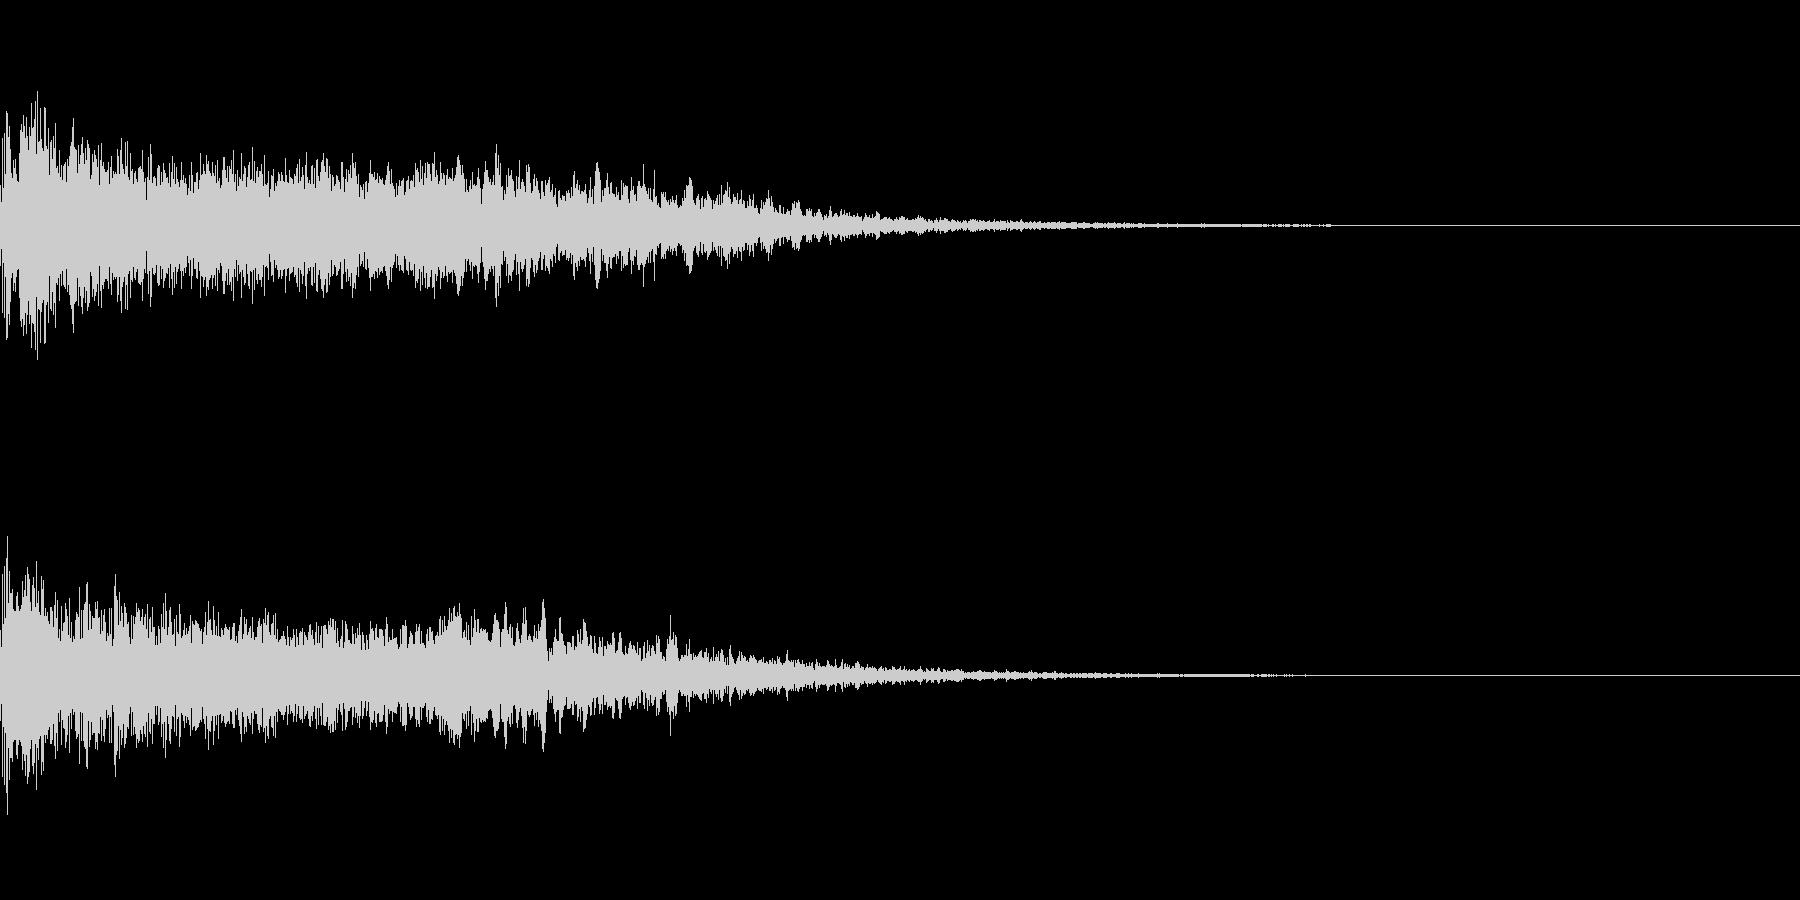 ア〜ン(女性のセクシーな声)の未再生の波形